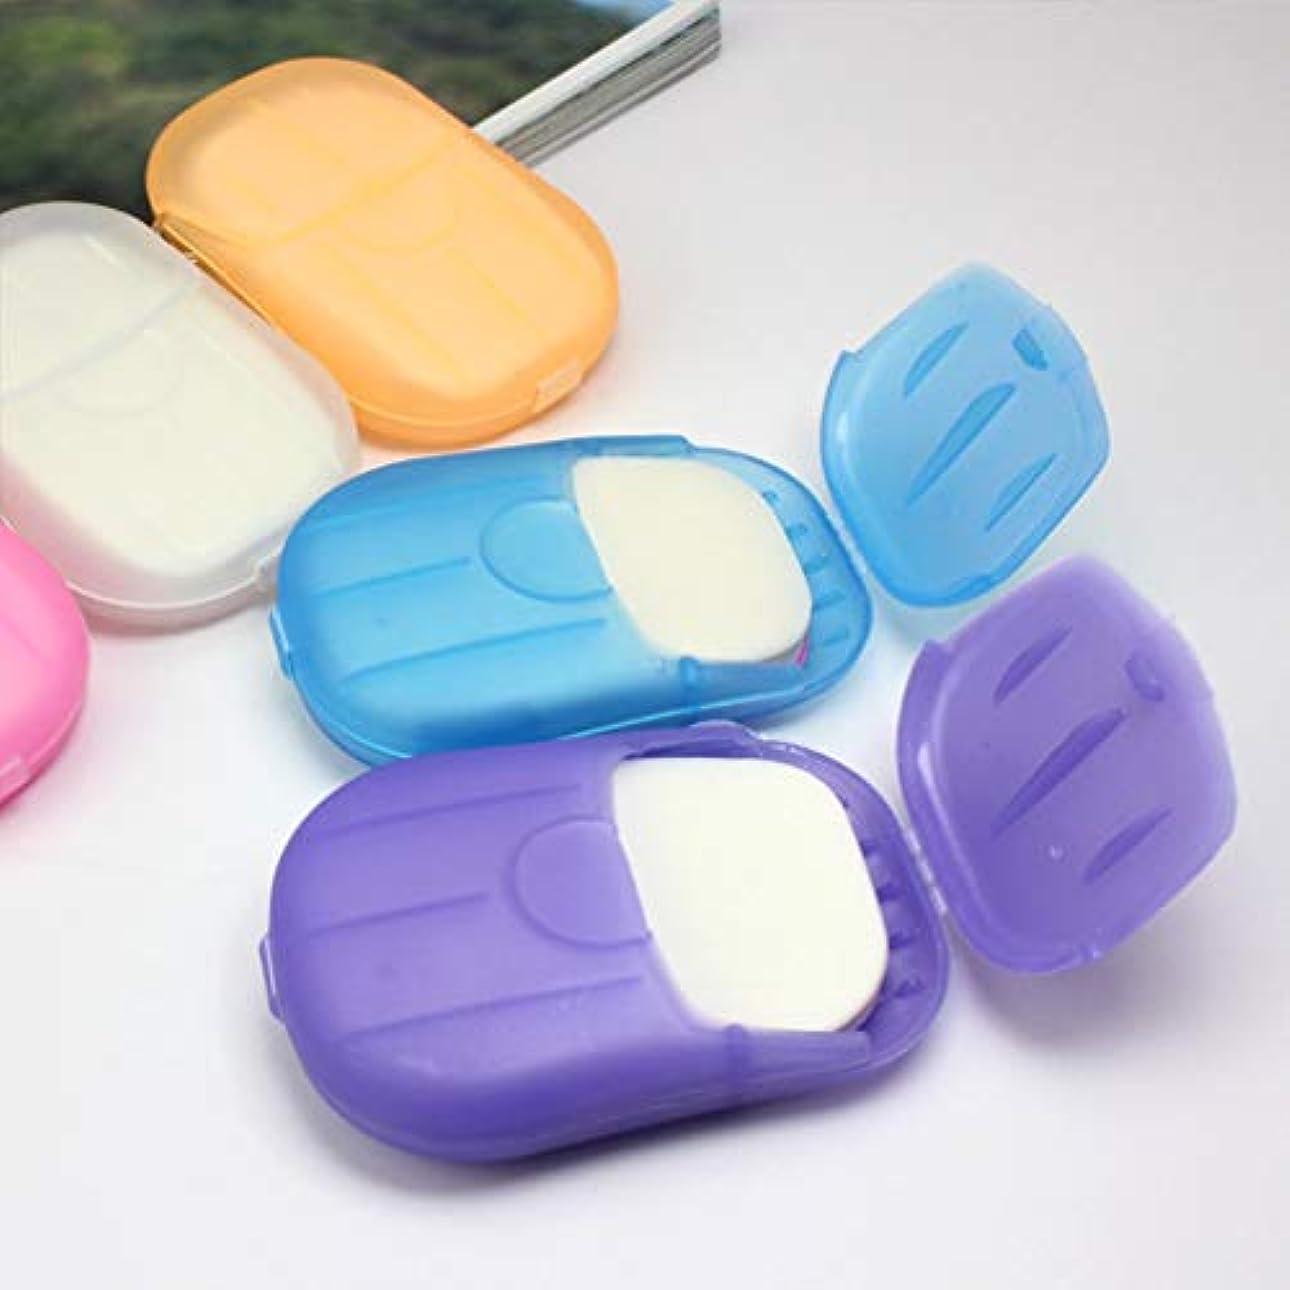 調整するメンタルリブ20個ペーパーソープアウトドア旅行バスソープ錠ポータブル手洗い石鹸